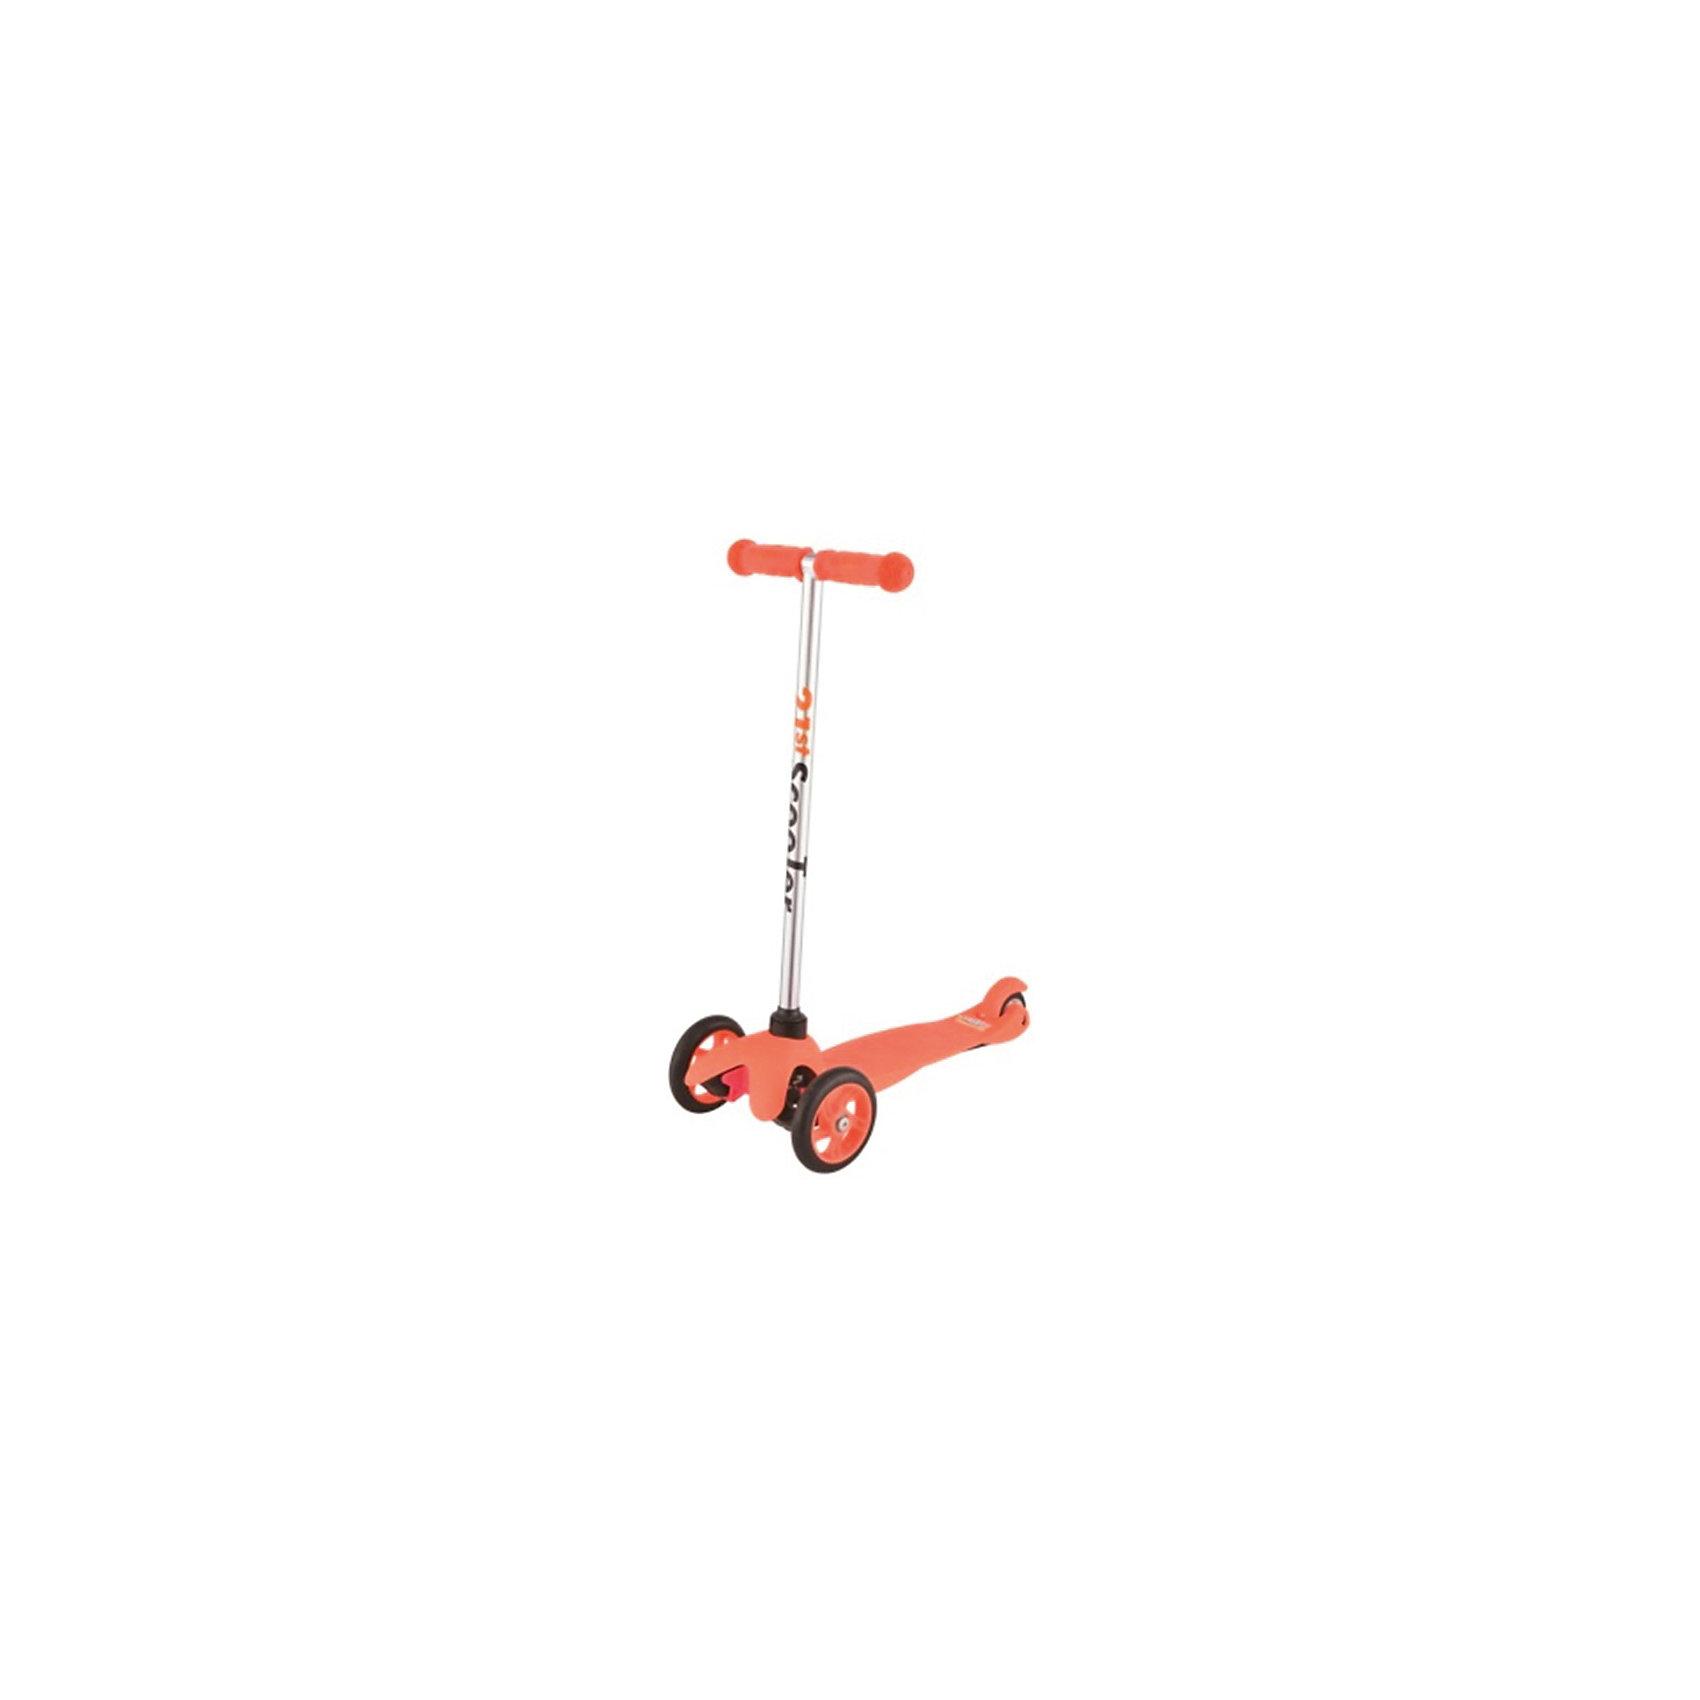 Самокат 3-х колёсный Maxi Scooter, оранжевый, 21st scooTerСамокаты<br>21st scooter MaxiScooter (SKL-06A) - детский трехколесный самокат с амортизацией передней вилки. Самокат имеет уникальную запатентованную систему управления. Гибкая подножка сделана из мягкого пластика усиленного стекловолокном, что исключает риск травмирования ребенка об нее.За счет своей устойчивости и плавности хода, SKL-06A очень просто освоить. Самокат изготовлен из высококачественных материалов. Он отлично способствует развитию опорно-двигательного аппарата ребенка его координацию движения и навыки балансировки.Характеристики:• Вес: 2 кг.• Возраст:  от 3-х лет• Максимальная нагрузка: до 30 кг.• Материал: алюминий, полипропилен, стеклопластик• Колеса: полиуретановые литые колеса PU• Диаметр колес: передние 120 мм, заднее 80 мм.• Подшипники: ABEC-1• Тормоз: задний тормоз наступающий (step-on brake)• Размеры: 67х23х53,5 см.• Размер платформы: 52х11 см.<br><br>Ширина мм: 610<br>Глубина мм: 450<br>Высота мм: 390<br>Вес г: 2400<br>Возраст от месяцев: 36<br>Возраст до месяцев: 2147483647<br>Пол: Унисекс<br>Возраст: Детский<br>SKU: 5475697